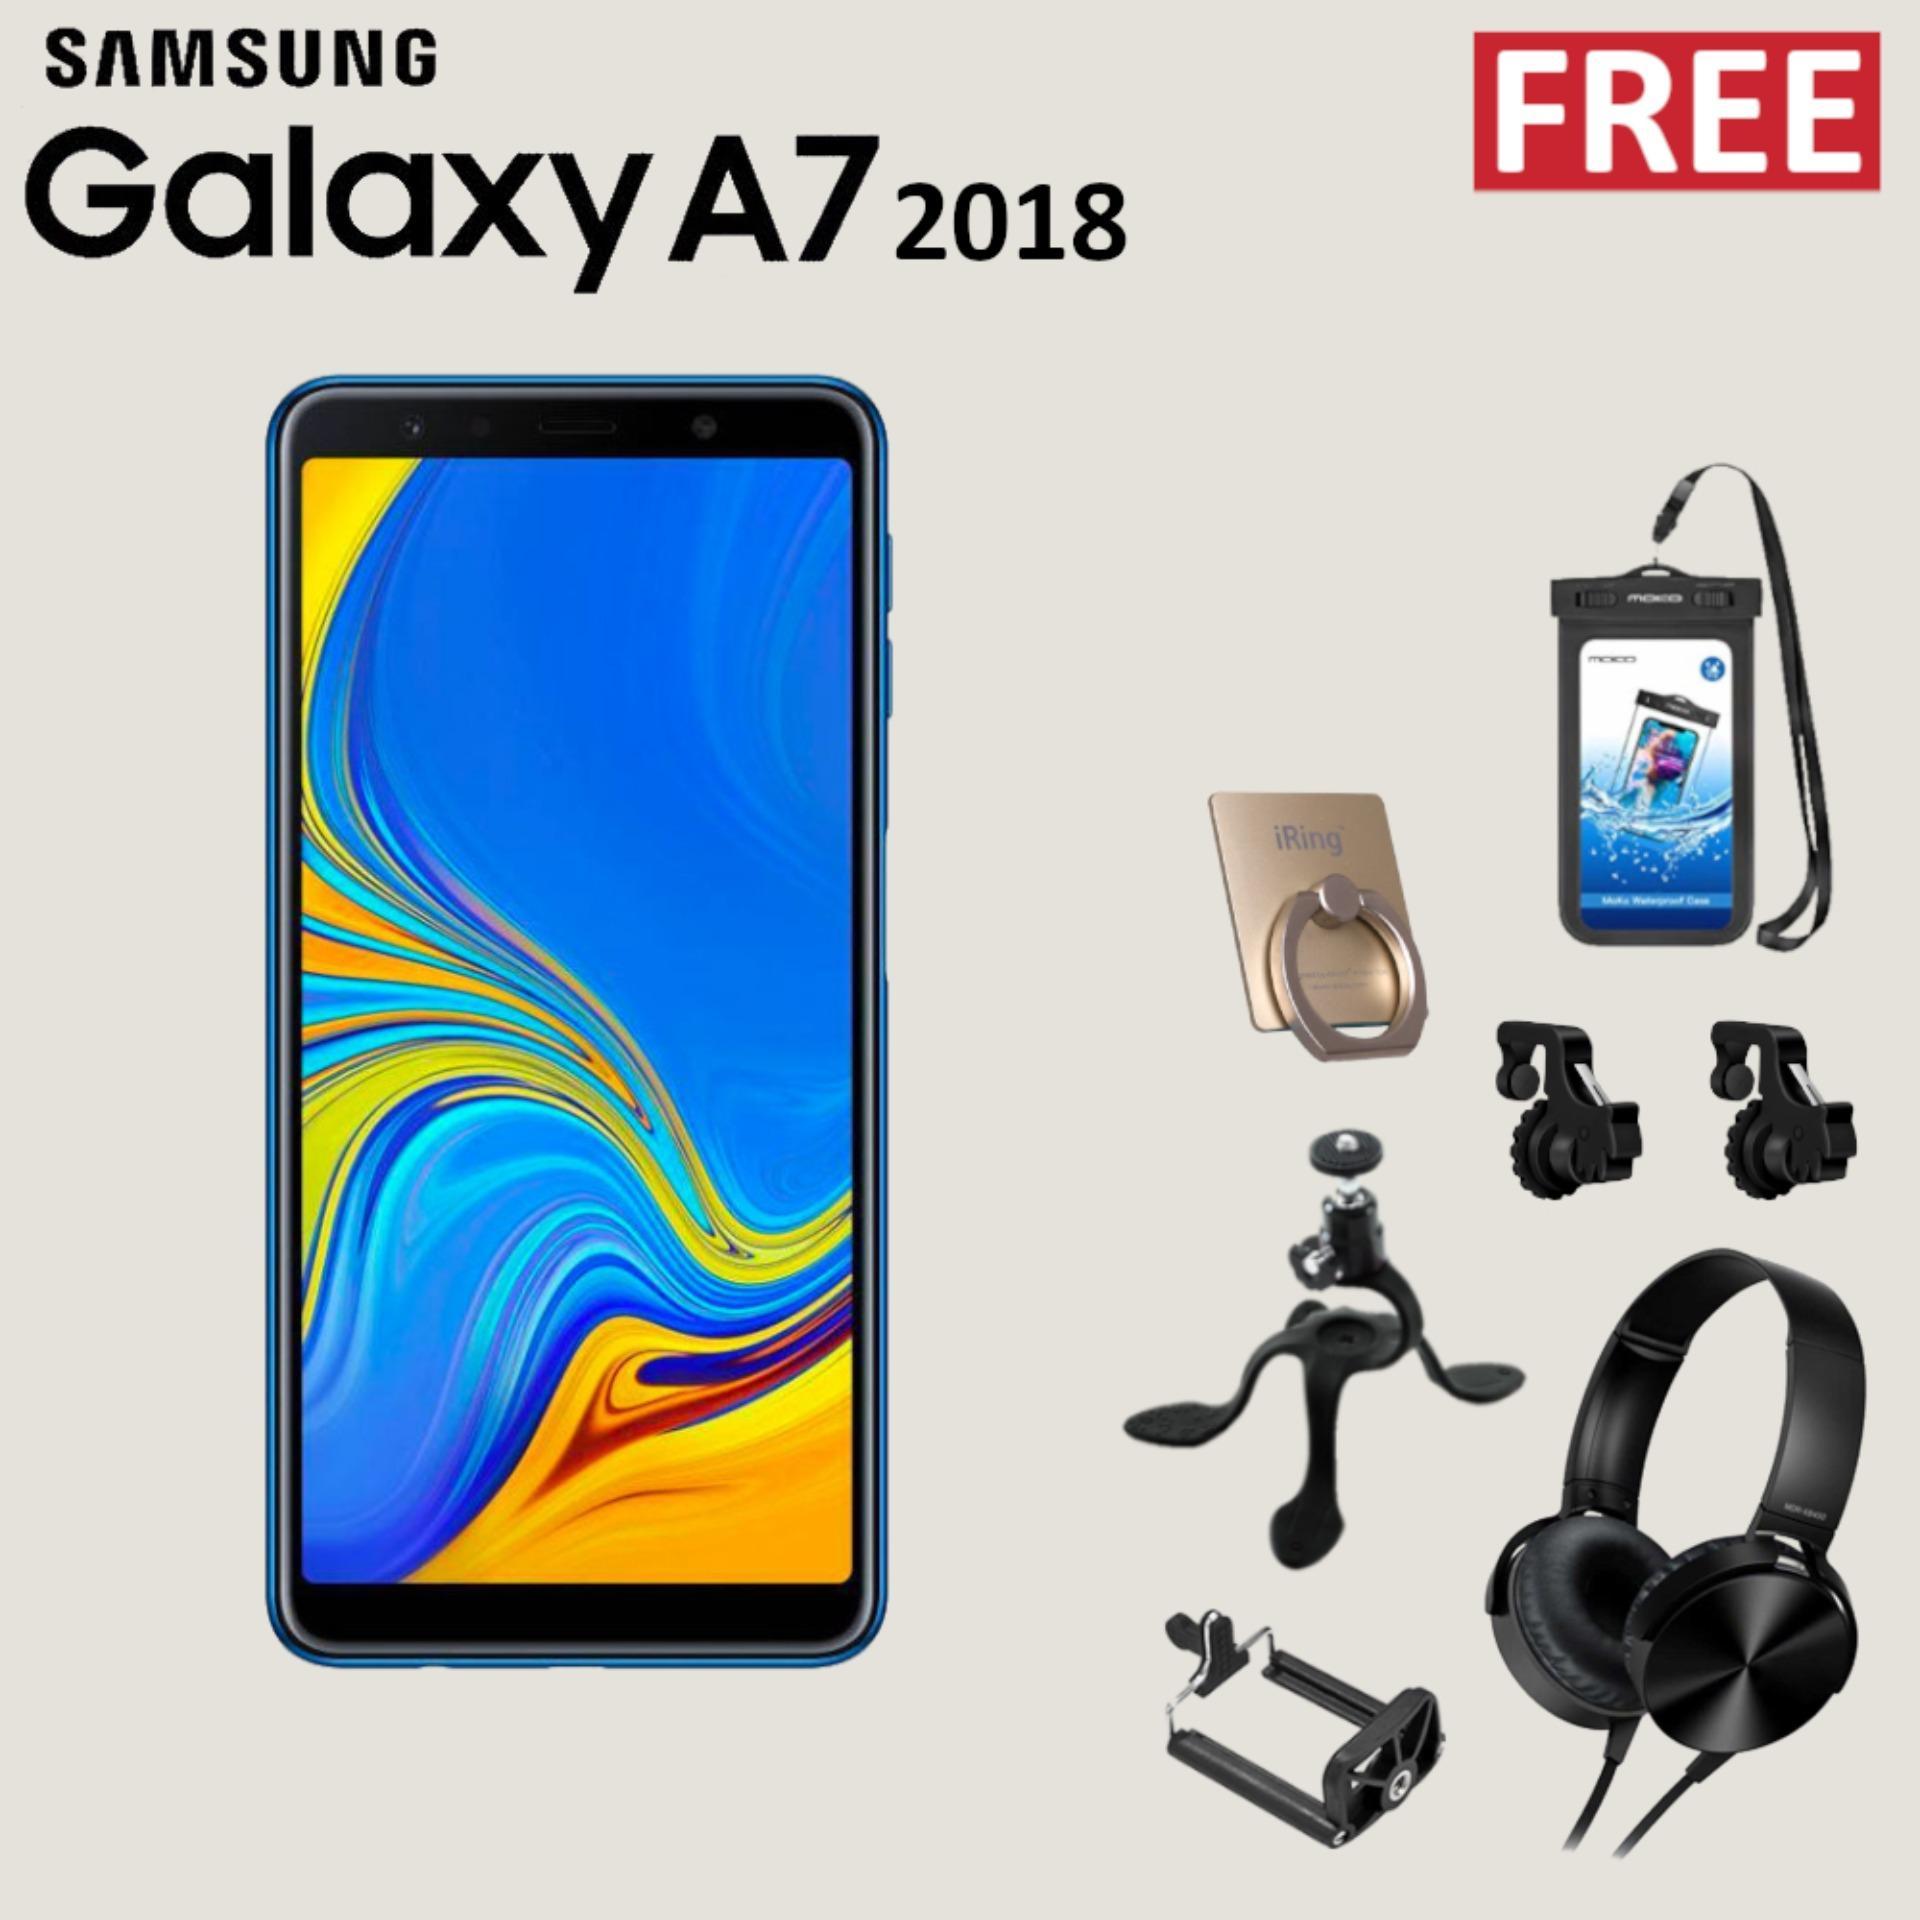 Samsung Galaxy A7 2018 4GB/64GB + Free Special Gift Garansi Resmi